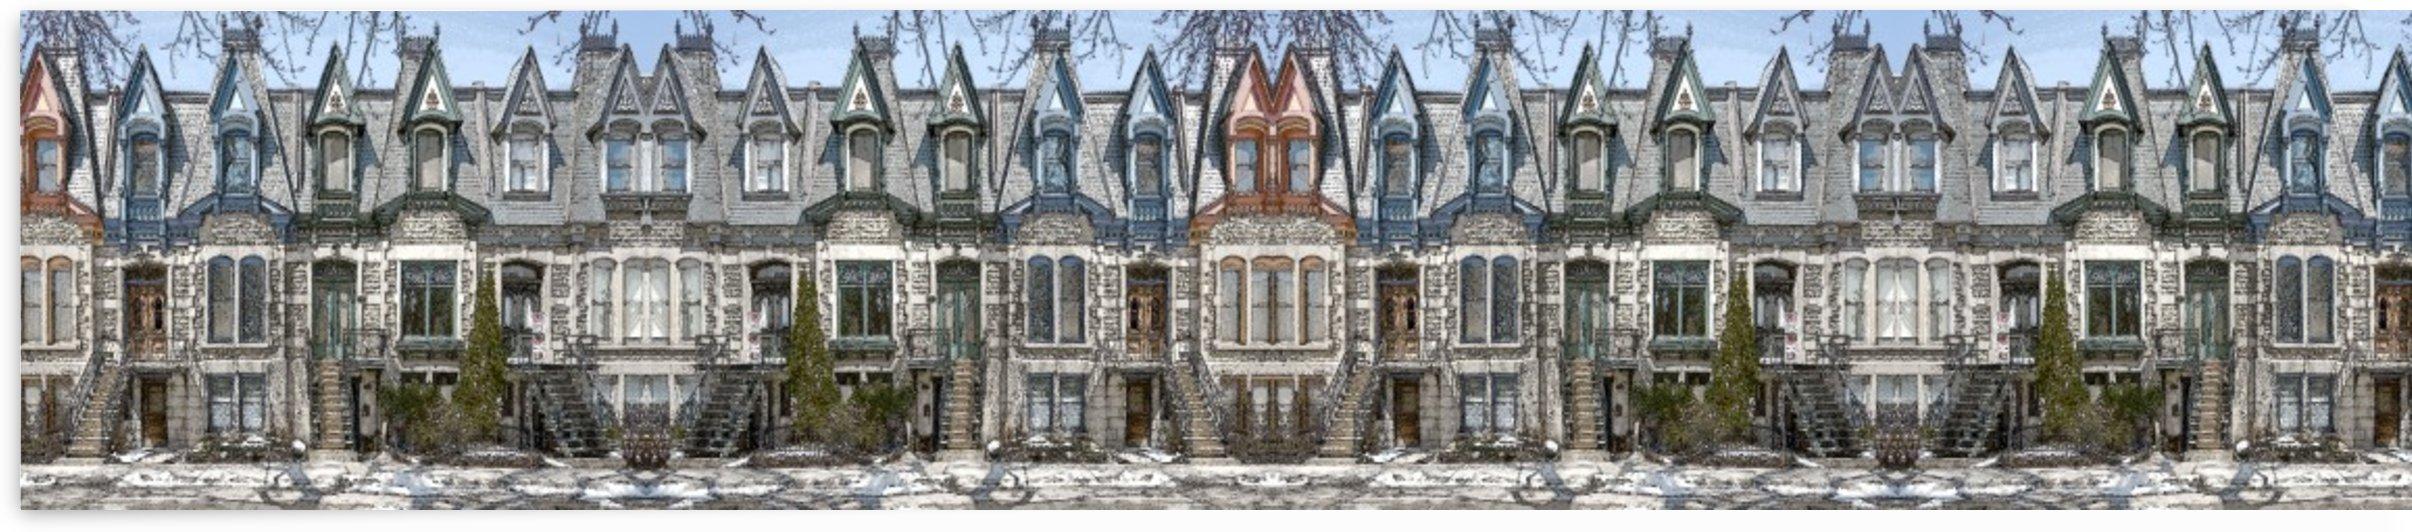 Square Saint-Louis MOntreal by Jean-Louis Desrosiers